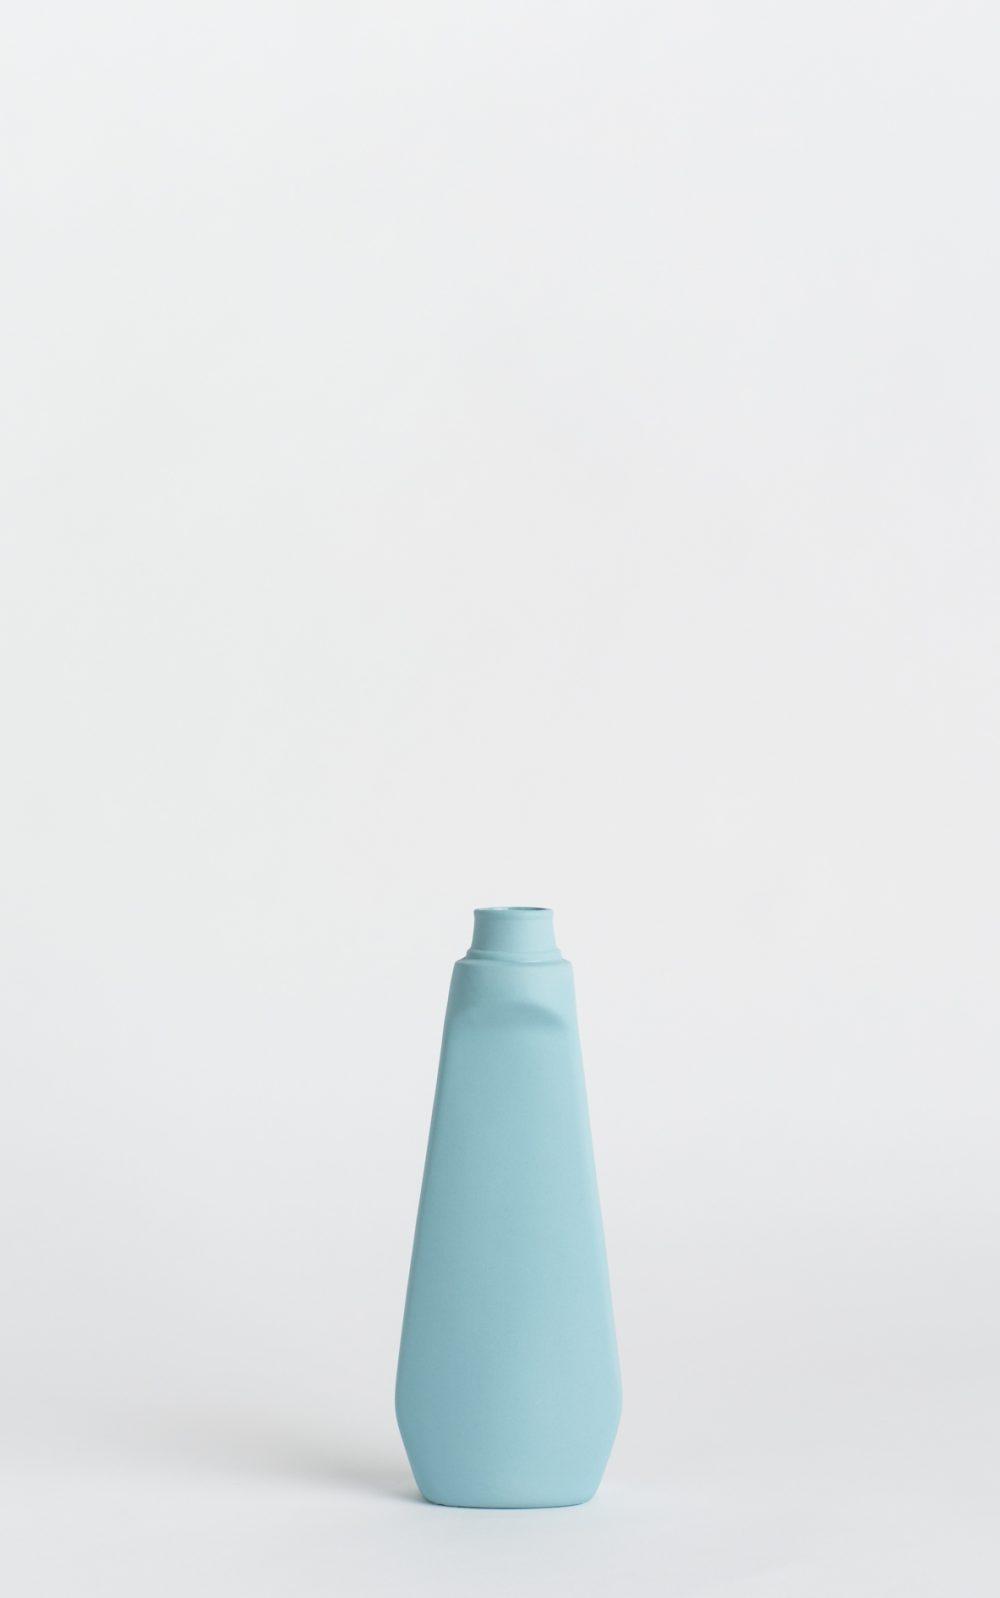 bottle vase #4 light blue